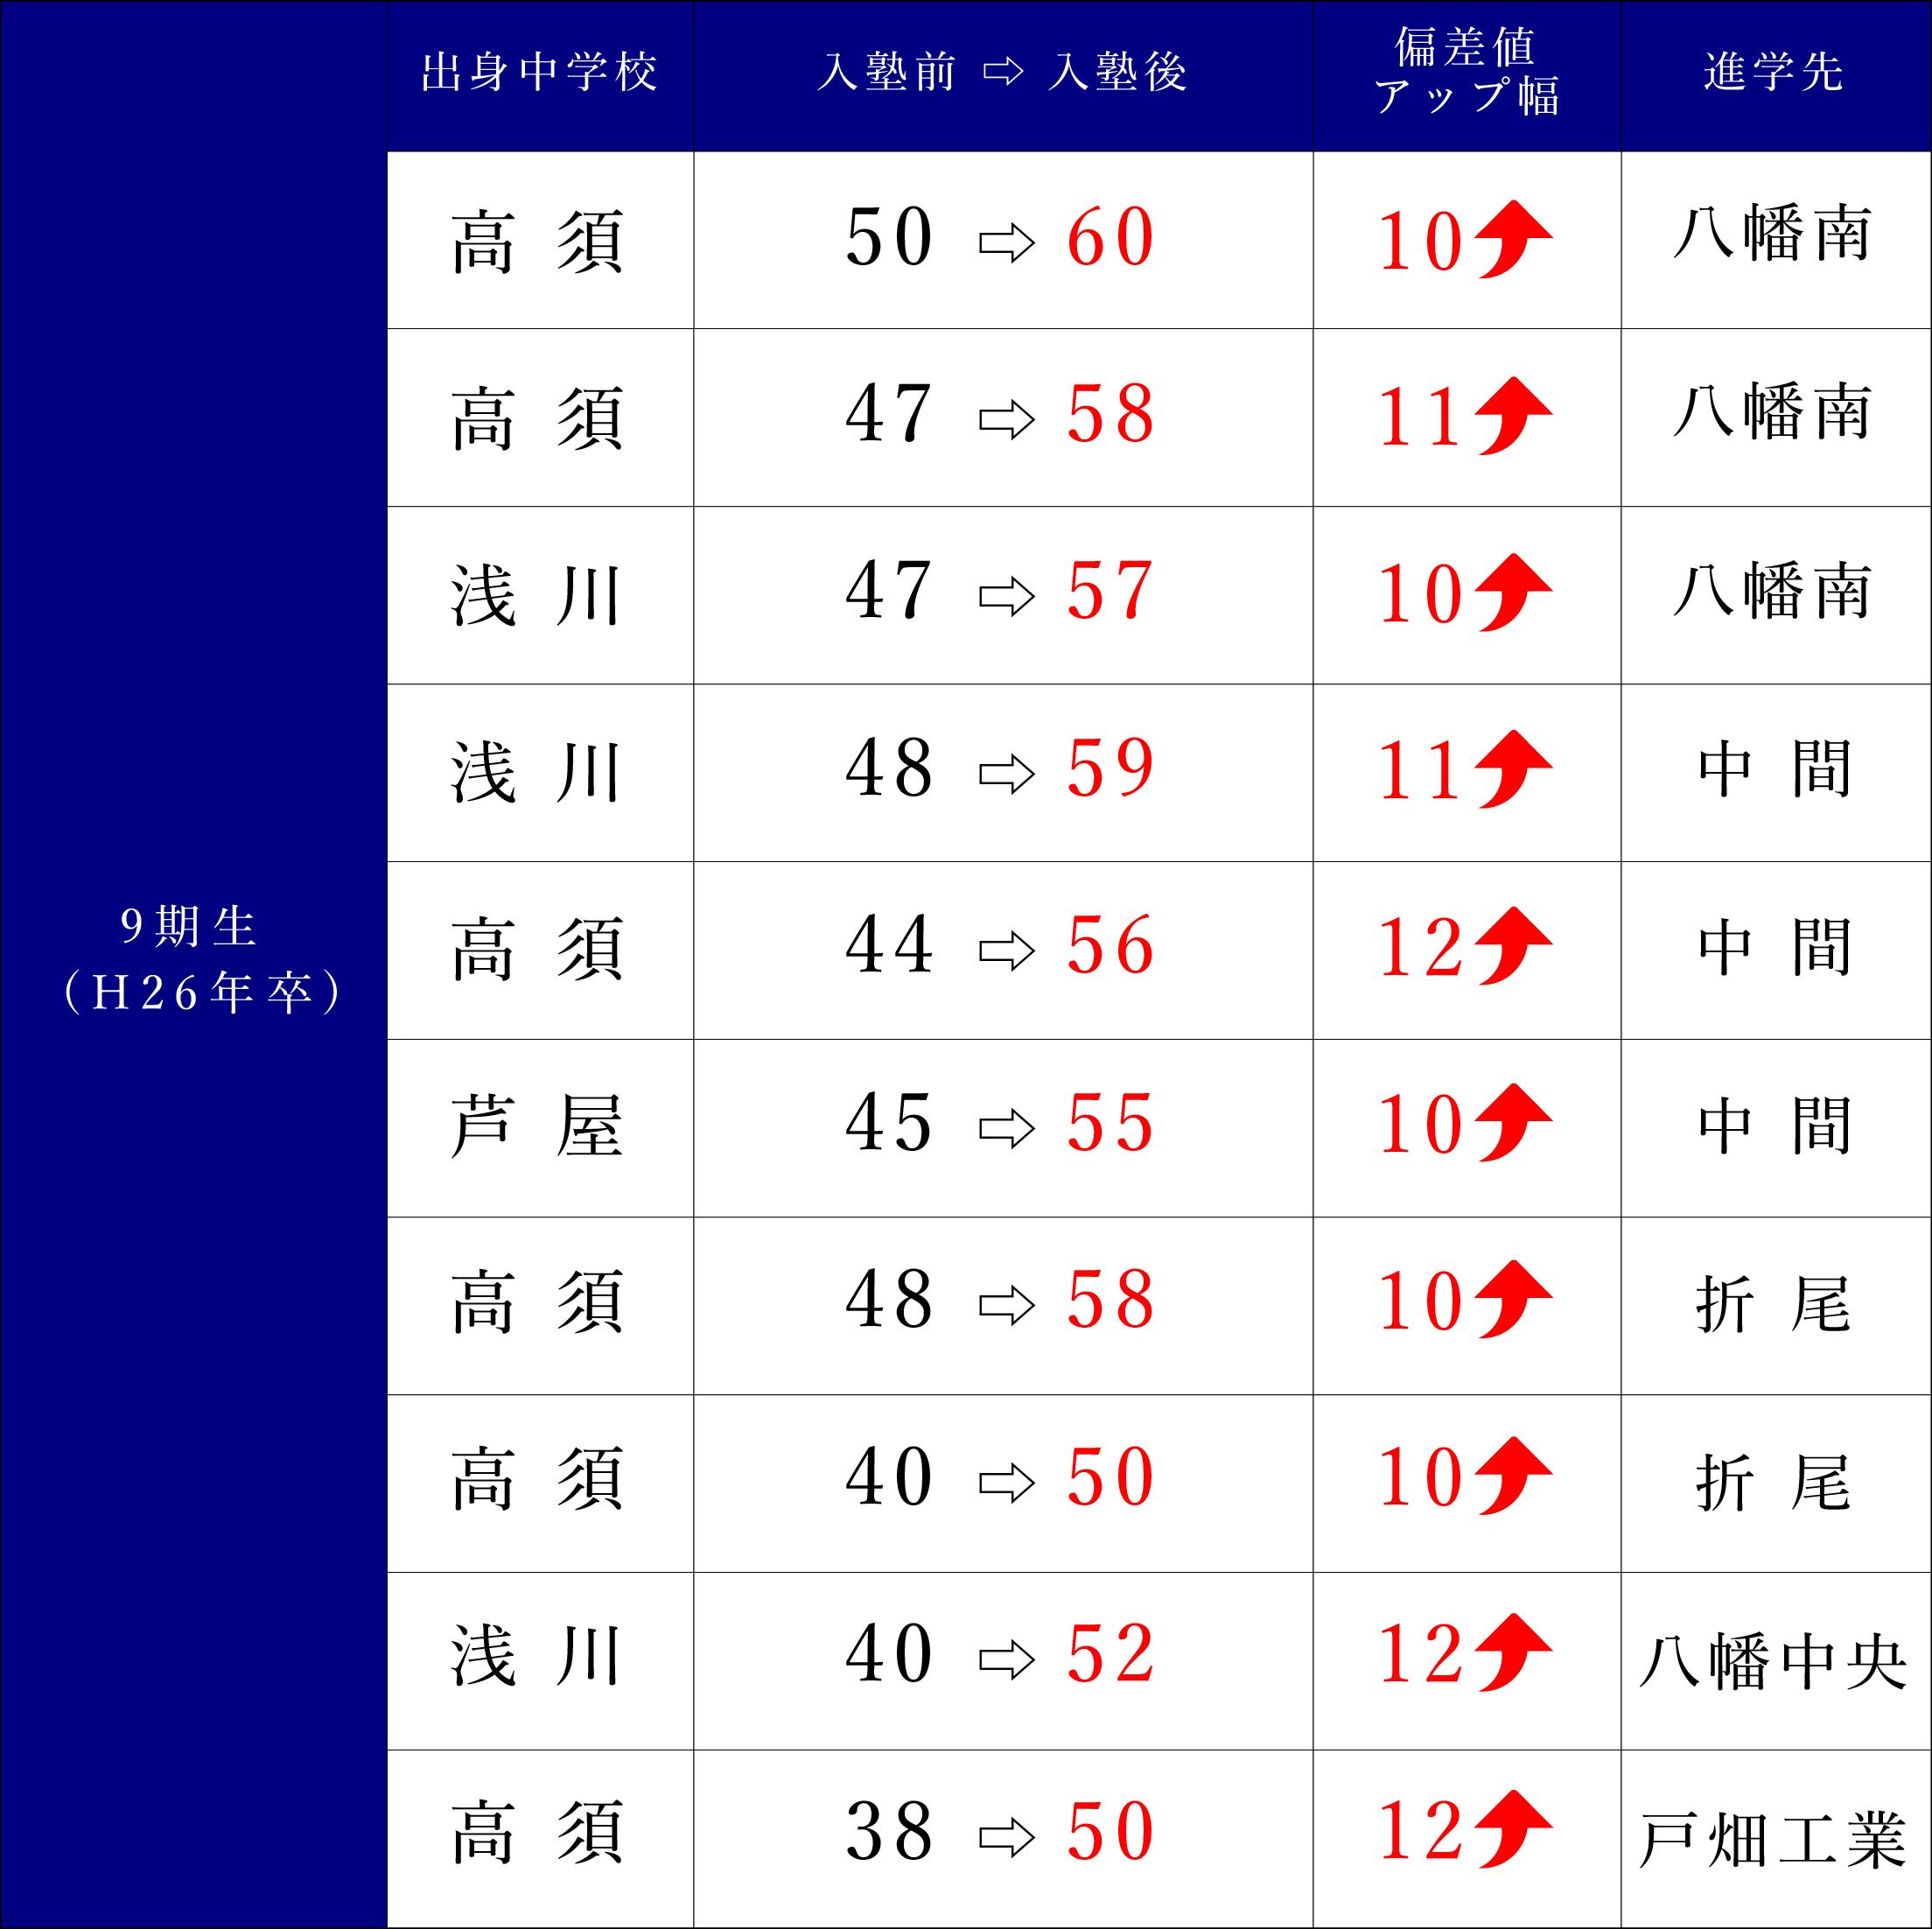 09期生(H26年卒)